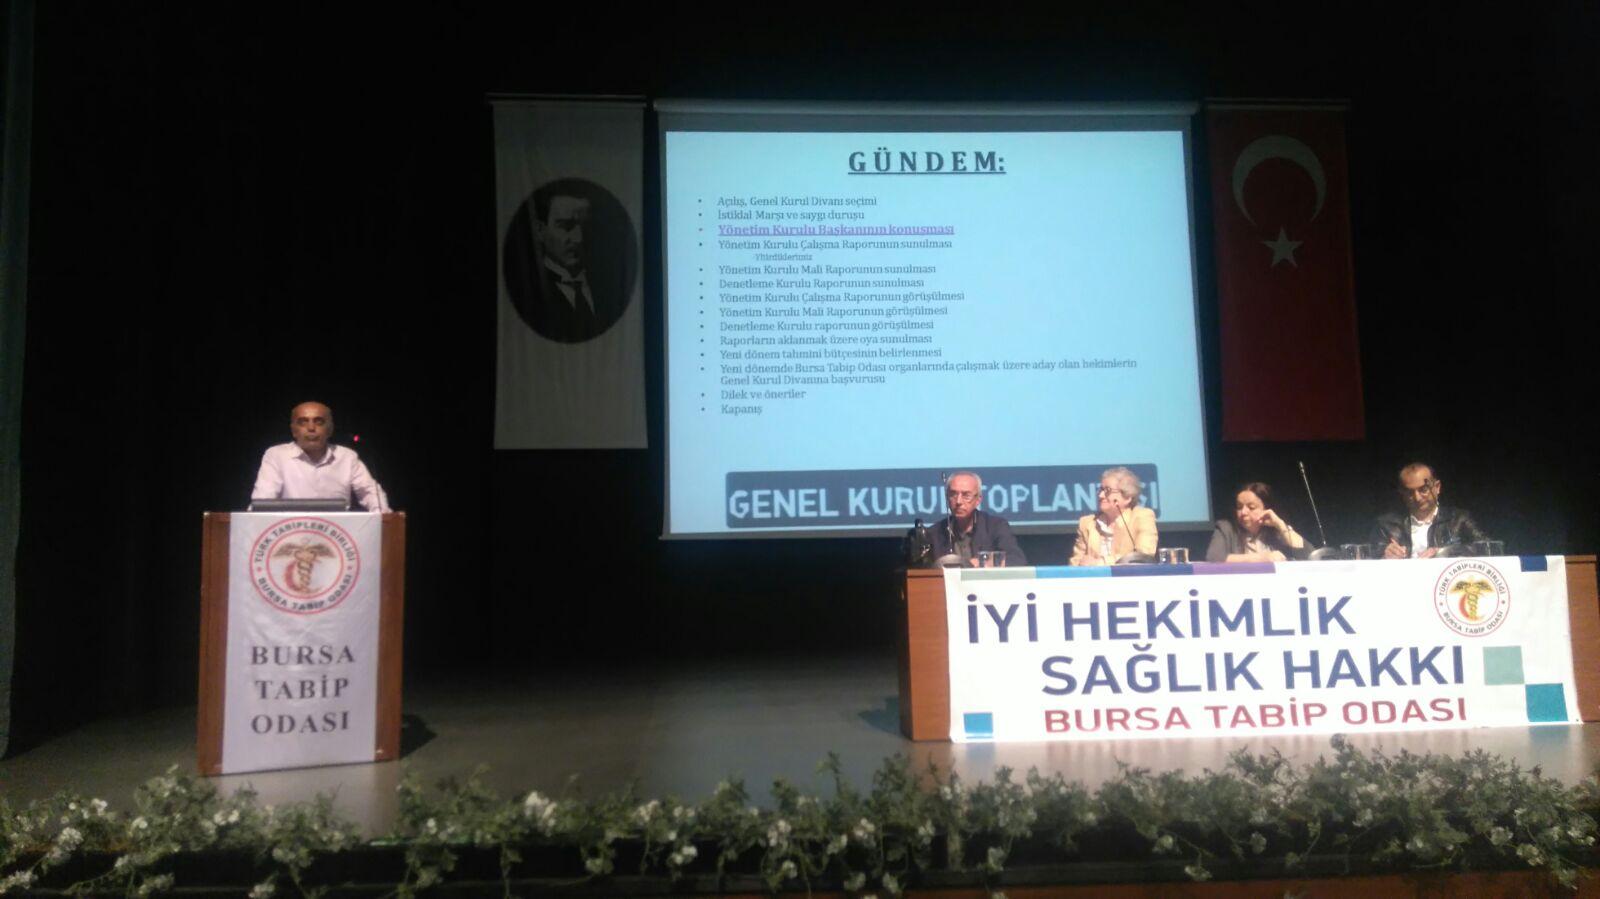 KESK Şubeler Platformu Bursa Tabip Odası Kongresine Katıldı